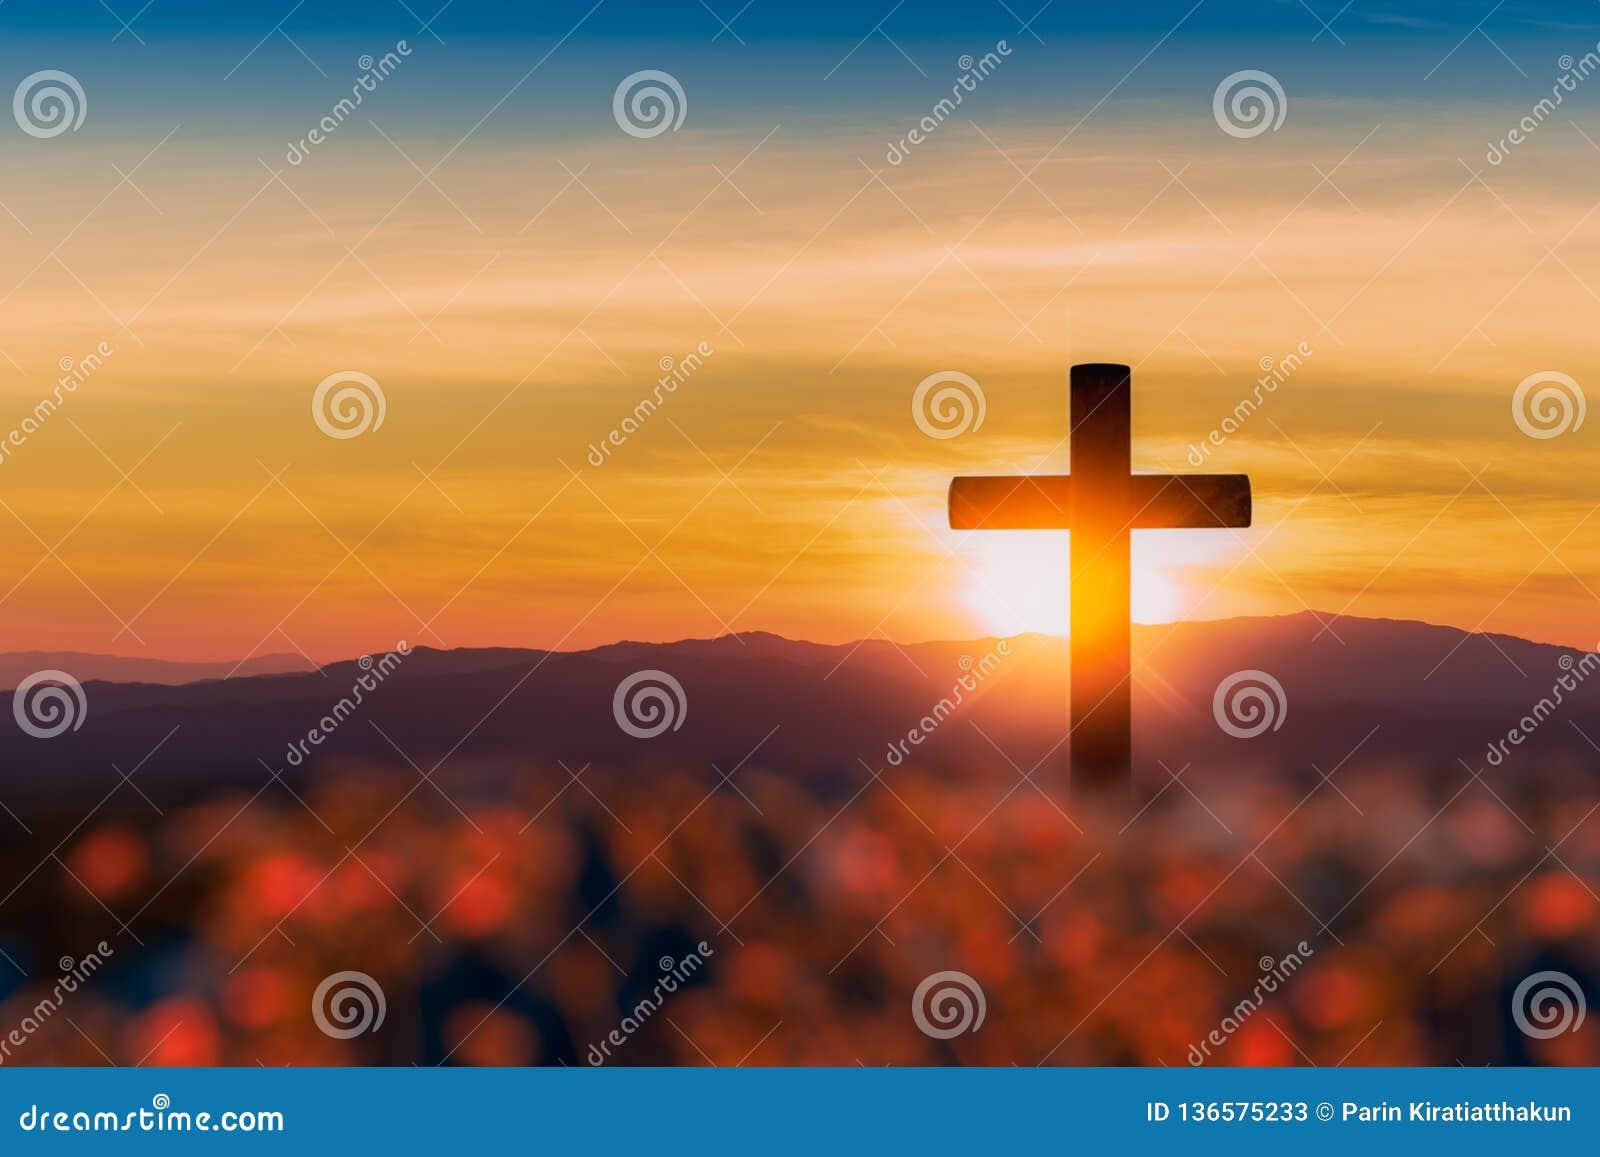 Silhouet van kruis op de achtergrond van de bergzonsondergang